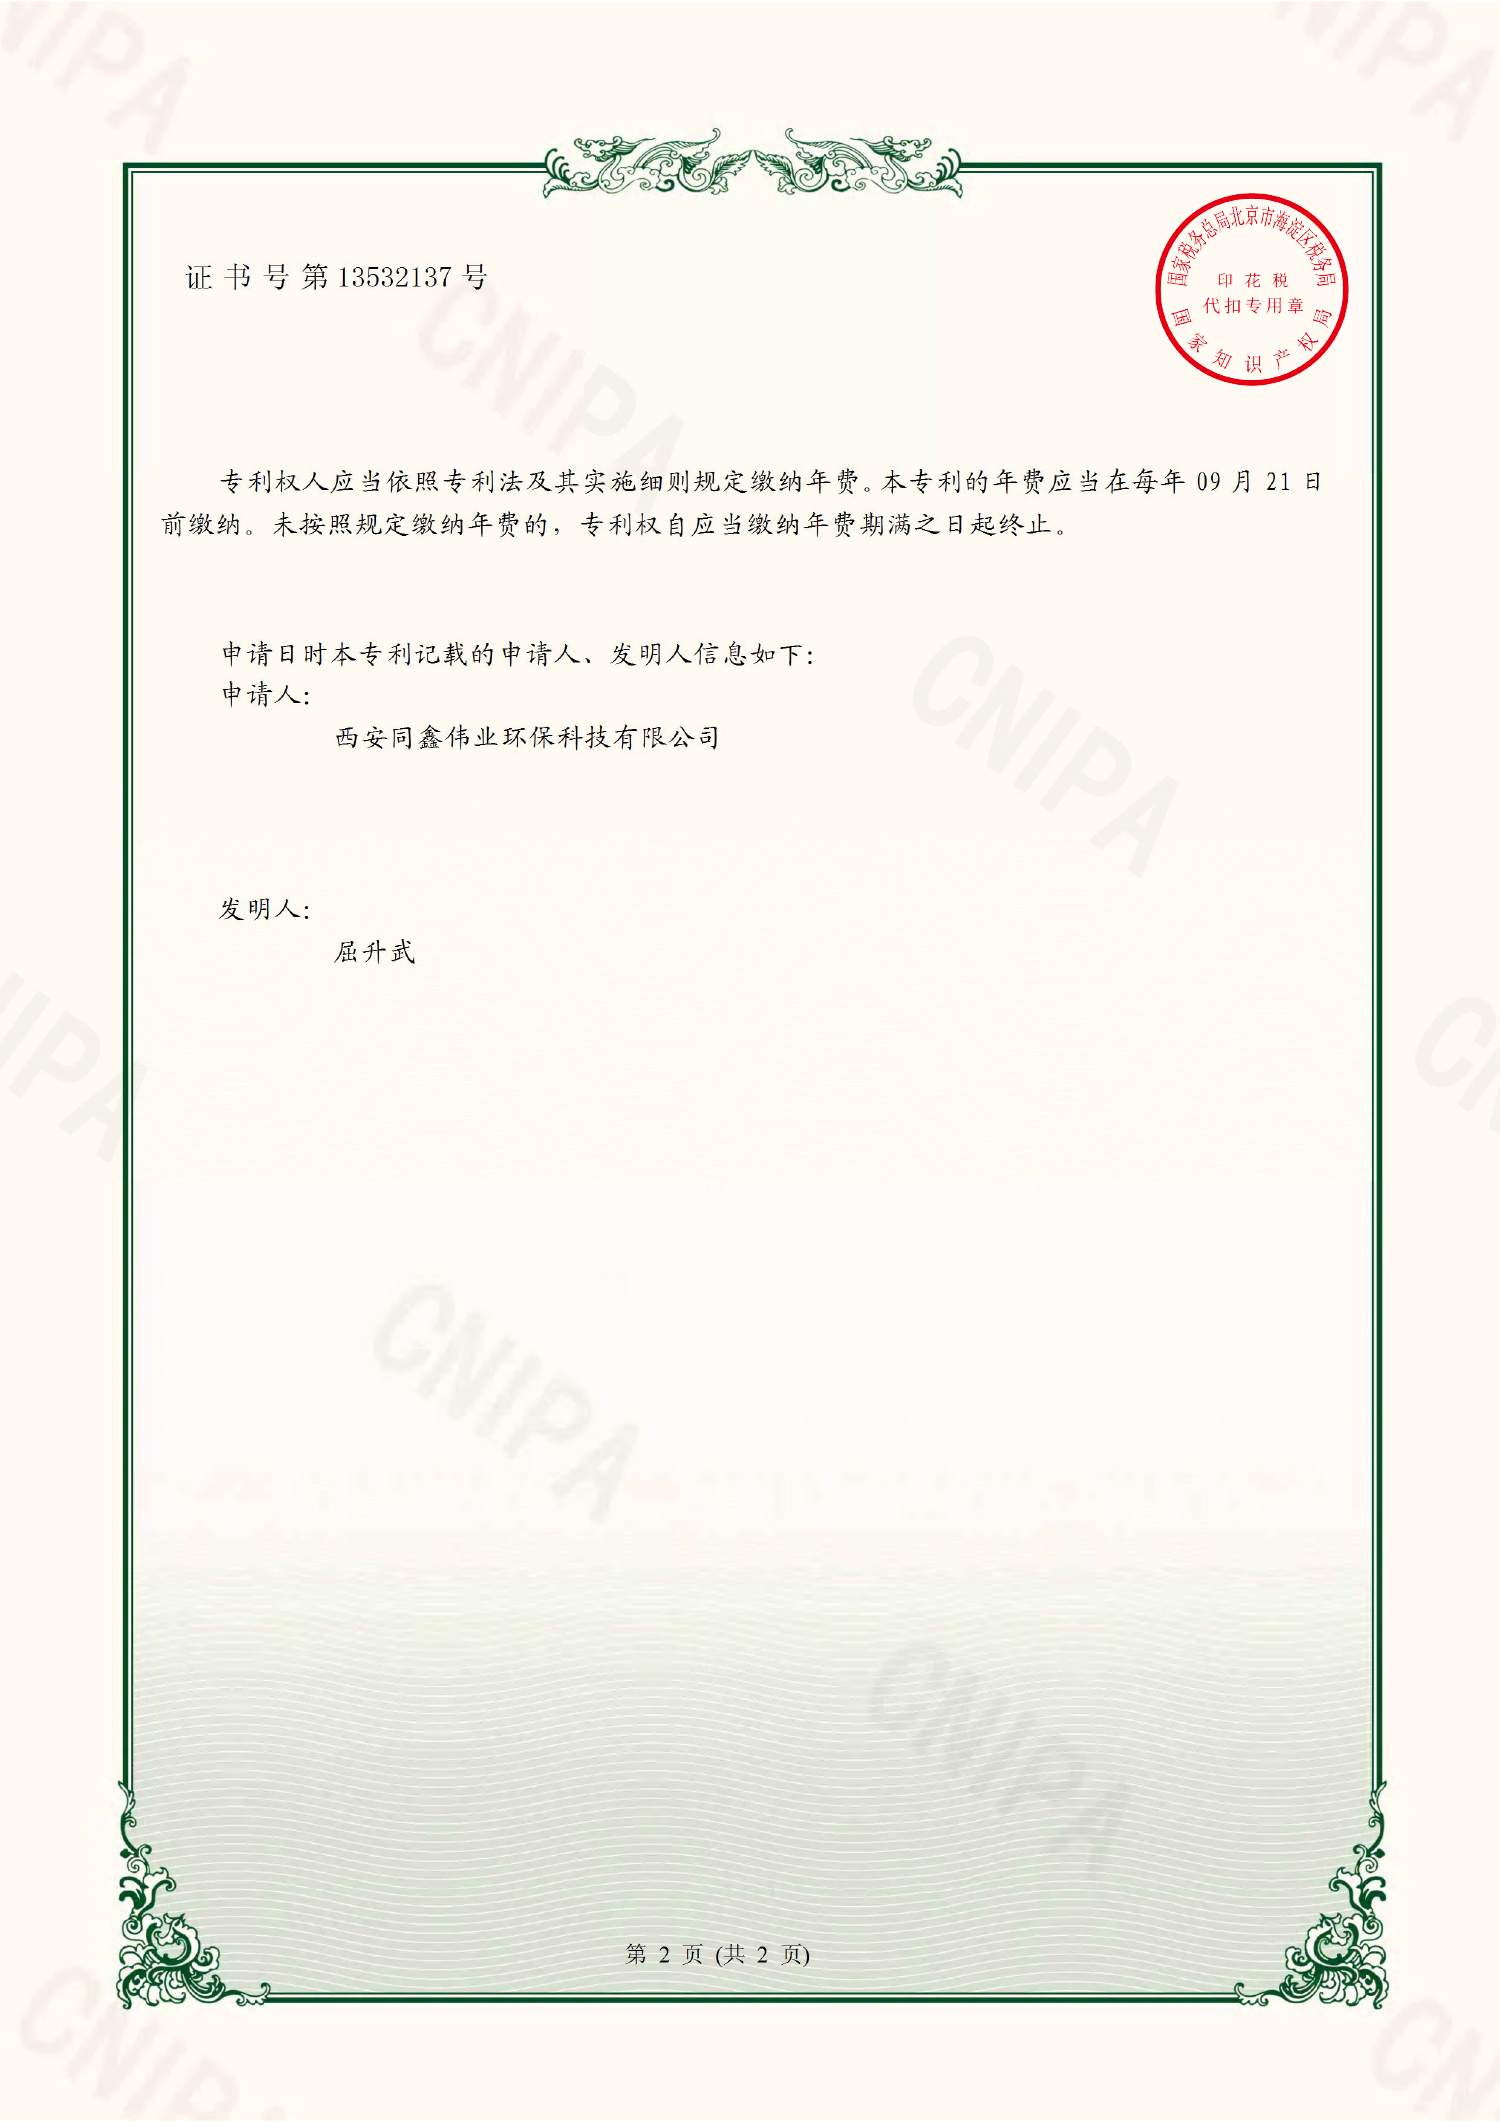 一种夯土墙模具  实用新型专利证书